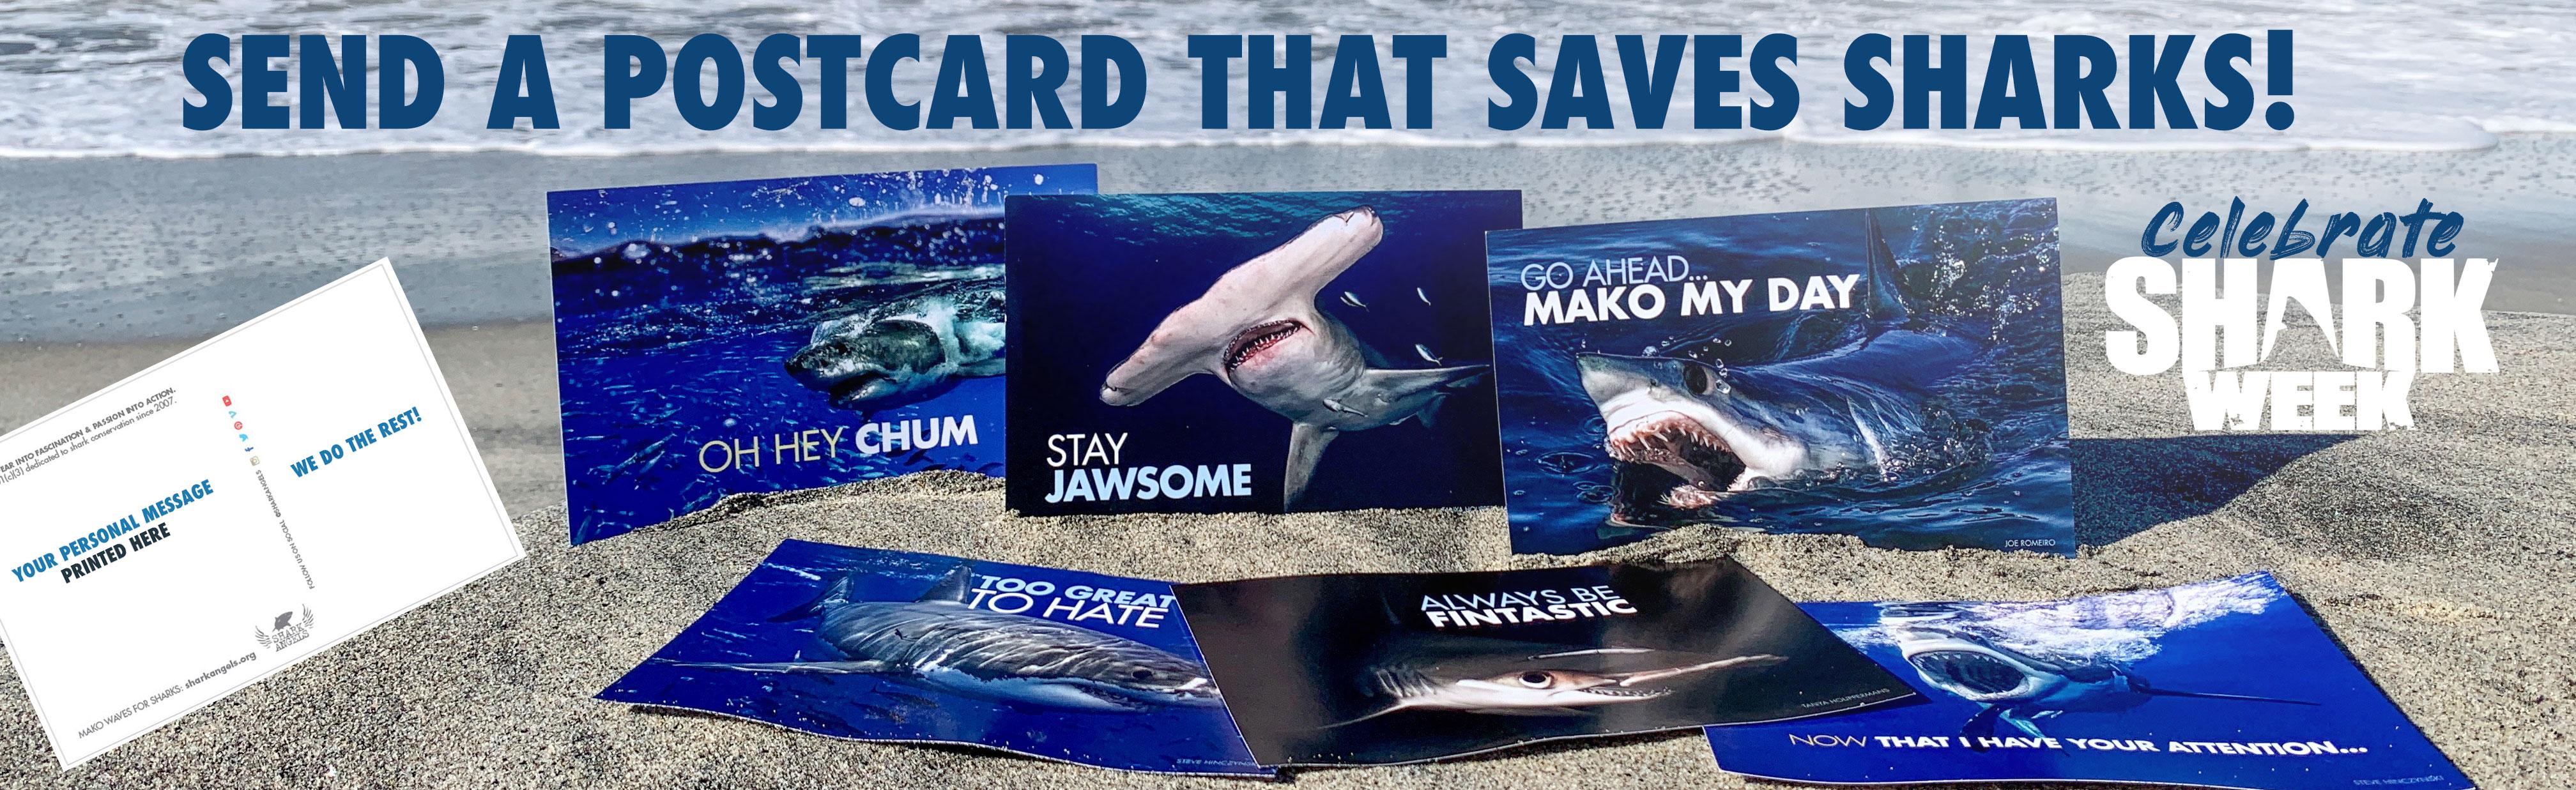 shark-week-postcard.jpg